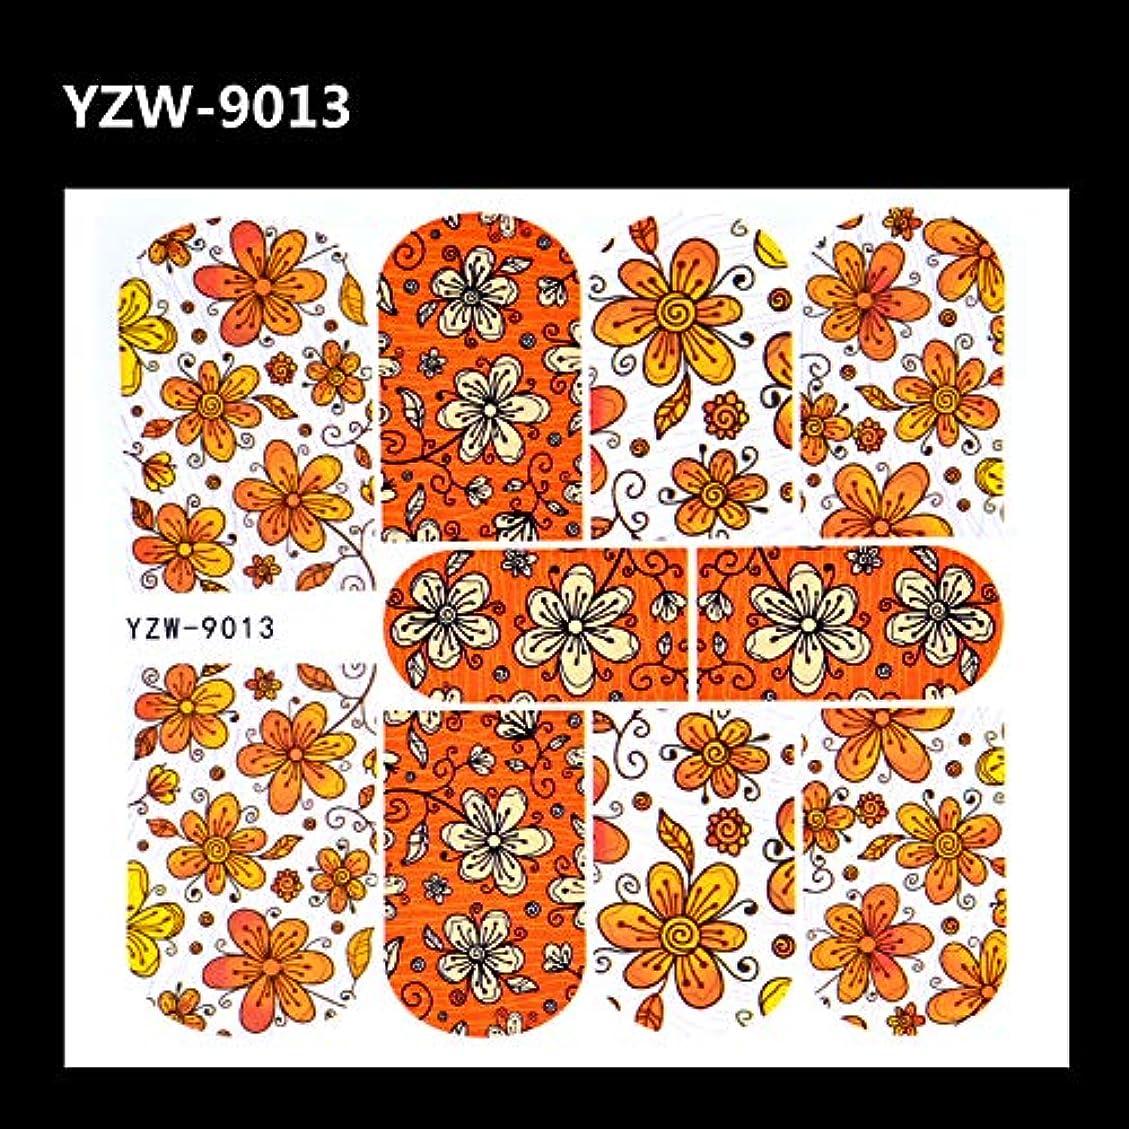 引退する不定侵入SUKTI&XIAO ネイルステッカー 1枚のネイルウォータートランスファーデカールエレガントな花のデザインネイルアートステッカータトゥーデカール